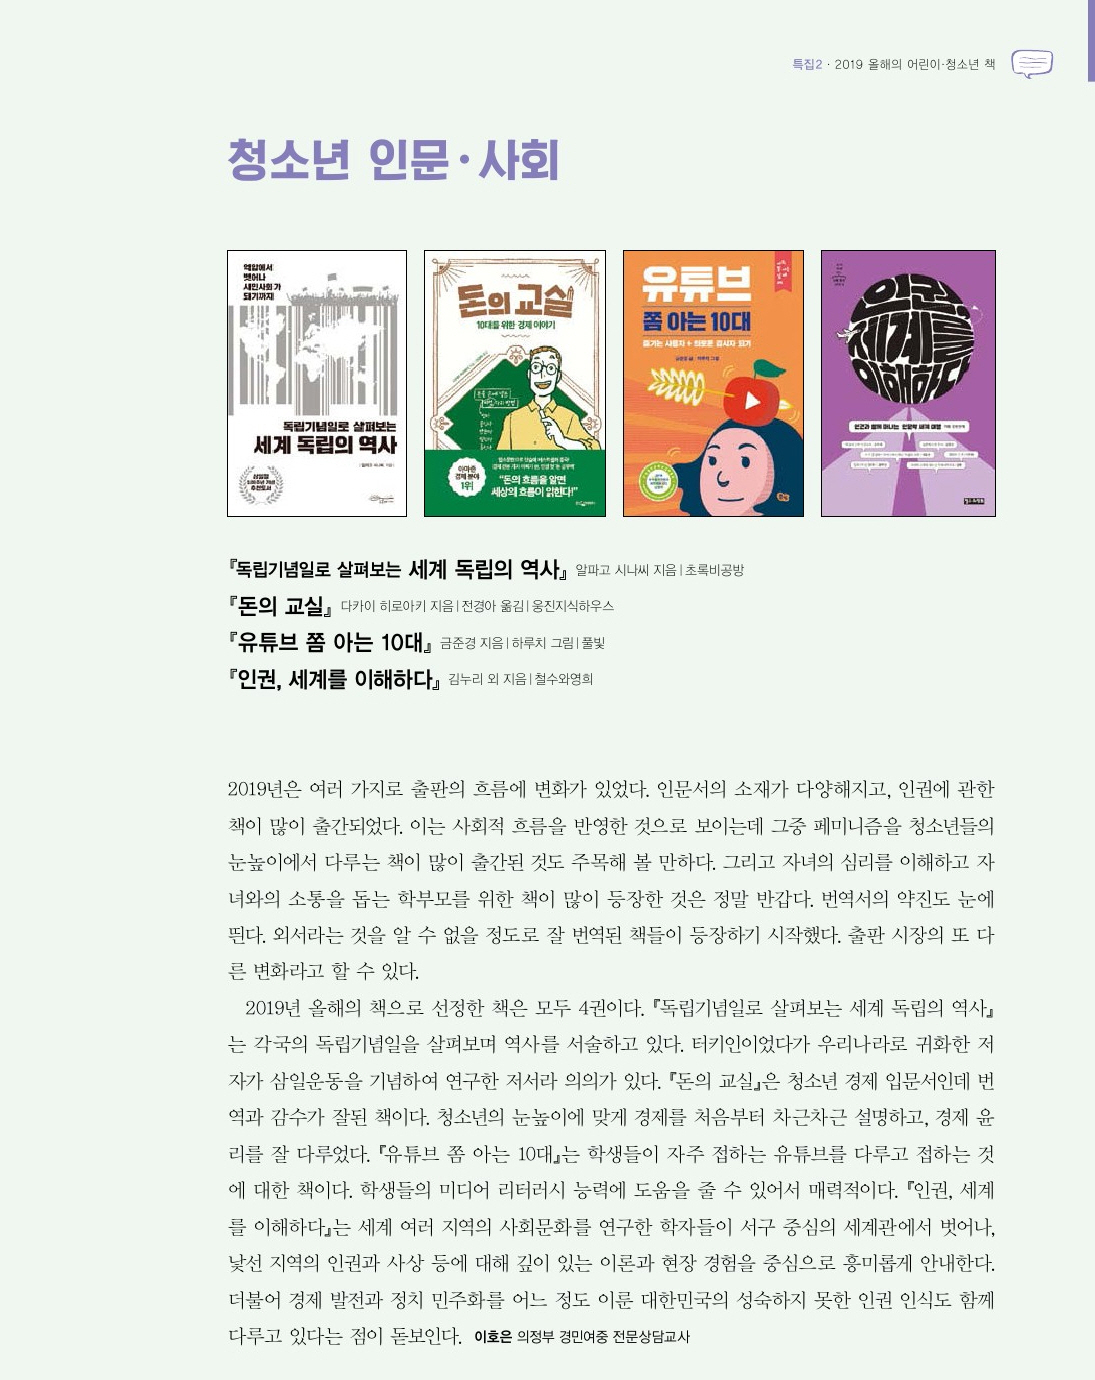 사본 -2019 올해의책(수정)-8.jpg